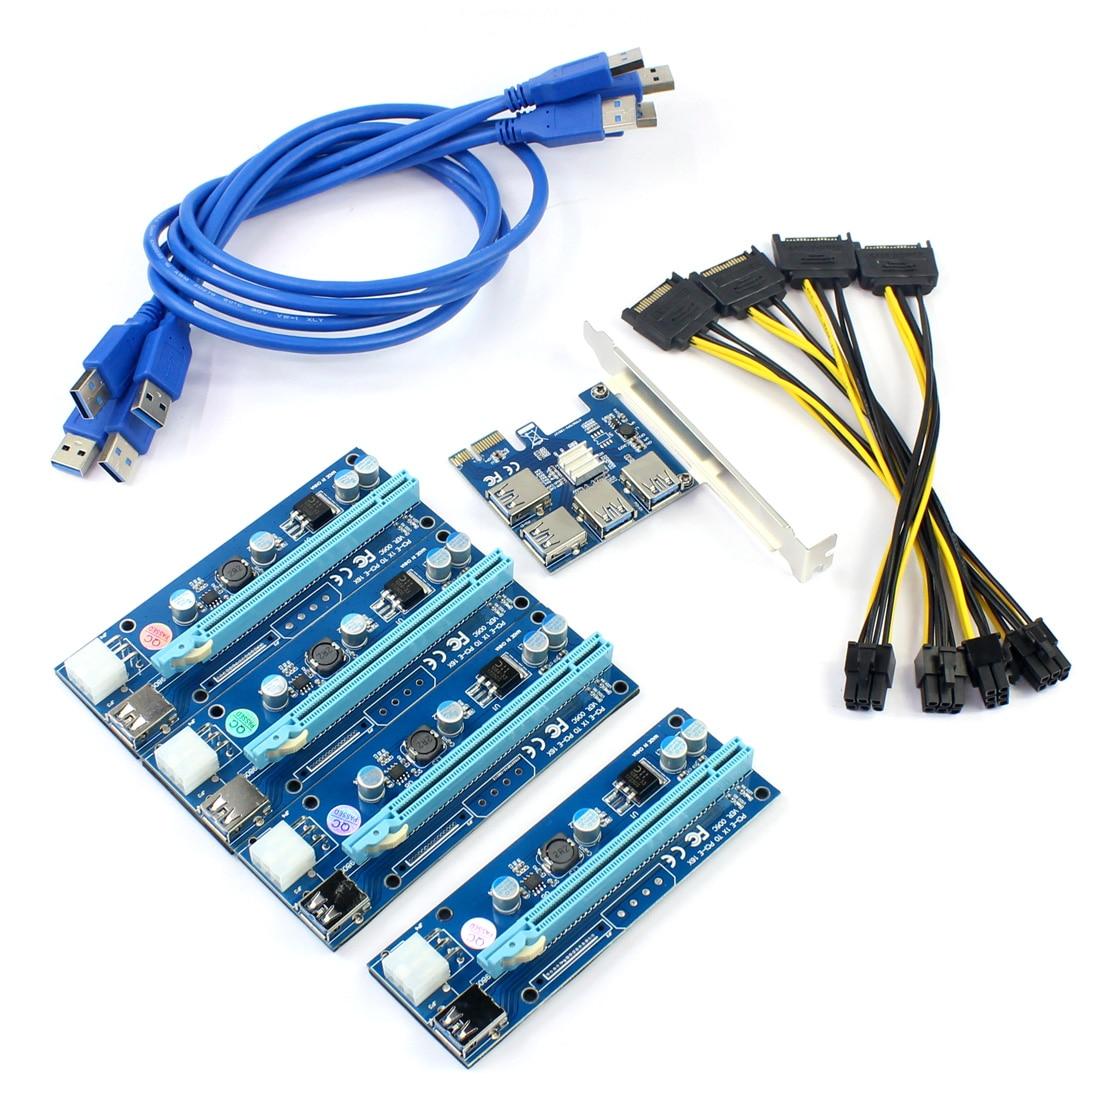 Usb 3.0 pci-e express 1x para 16x extensor riser cartão adaptador pcie 1 a 4 usb conversor placa de vídeo gráfica para mineiro litcoin btc